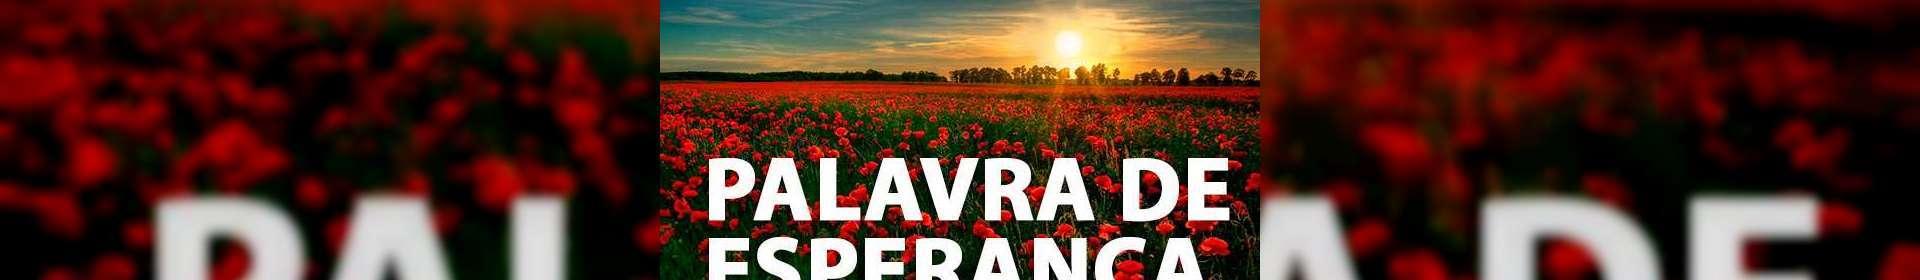 Apocalipse 05:3 - Uma Palavra de Esperança para sua vida